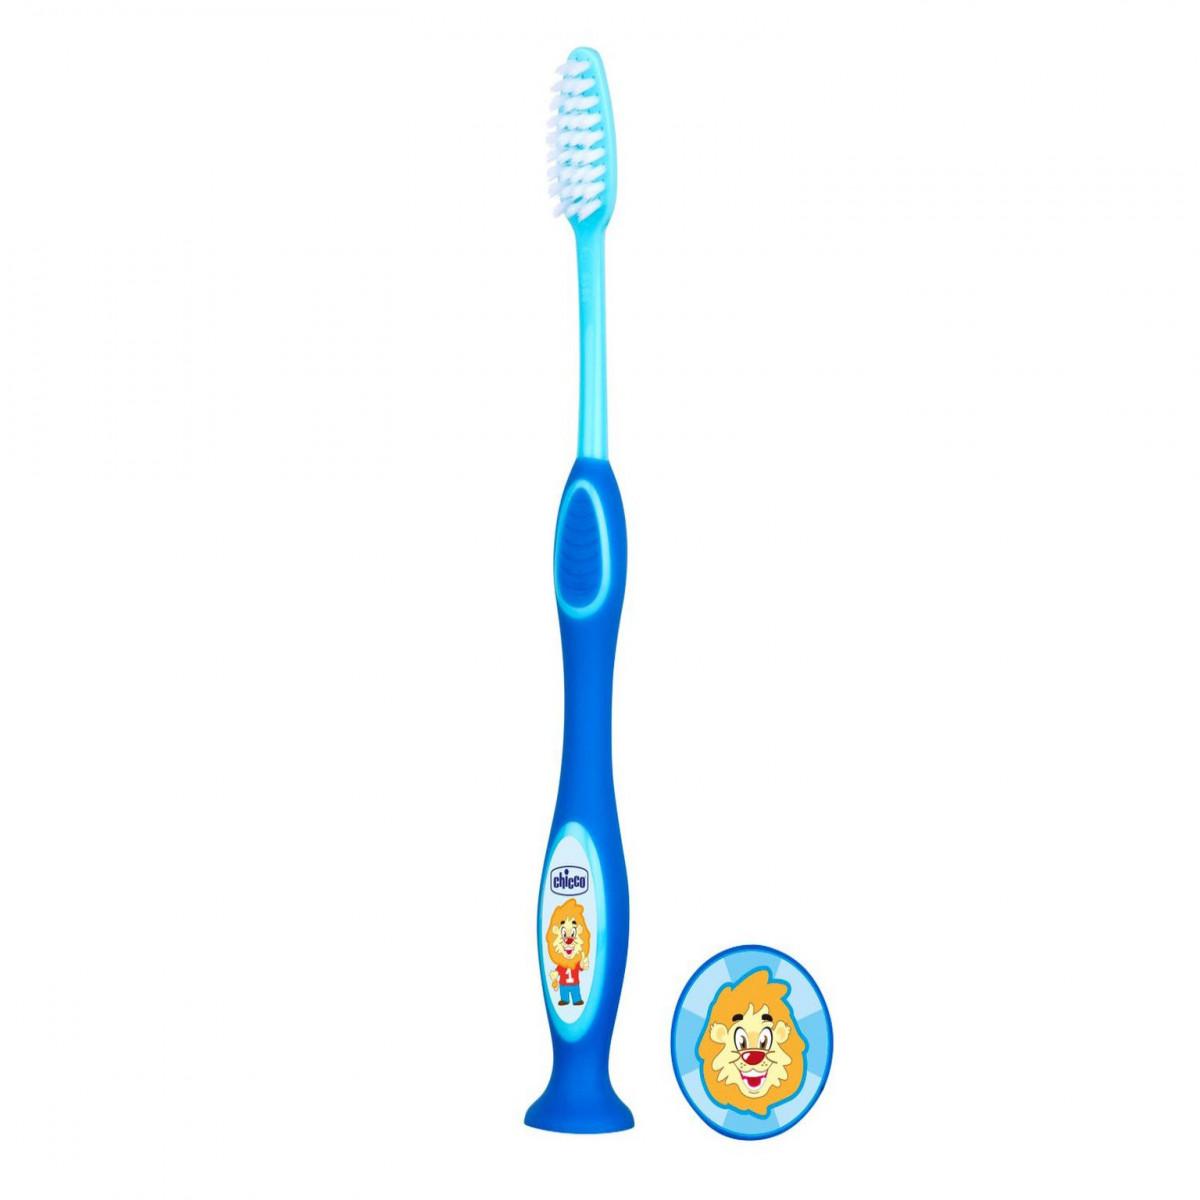 Cepillo de dientes 3-6 años Chicco celeste